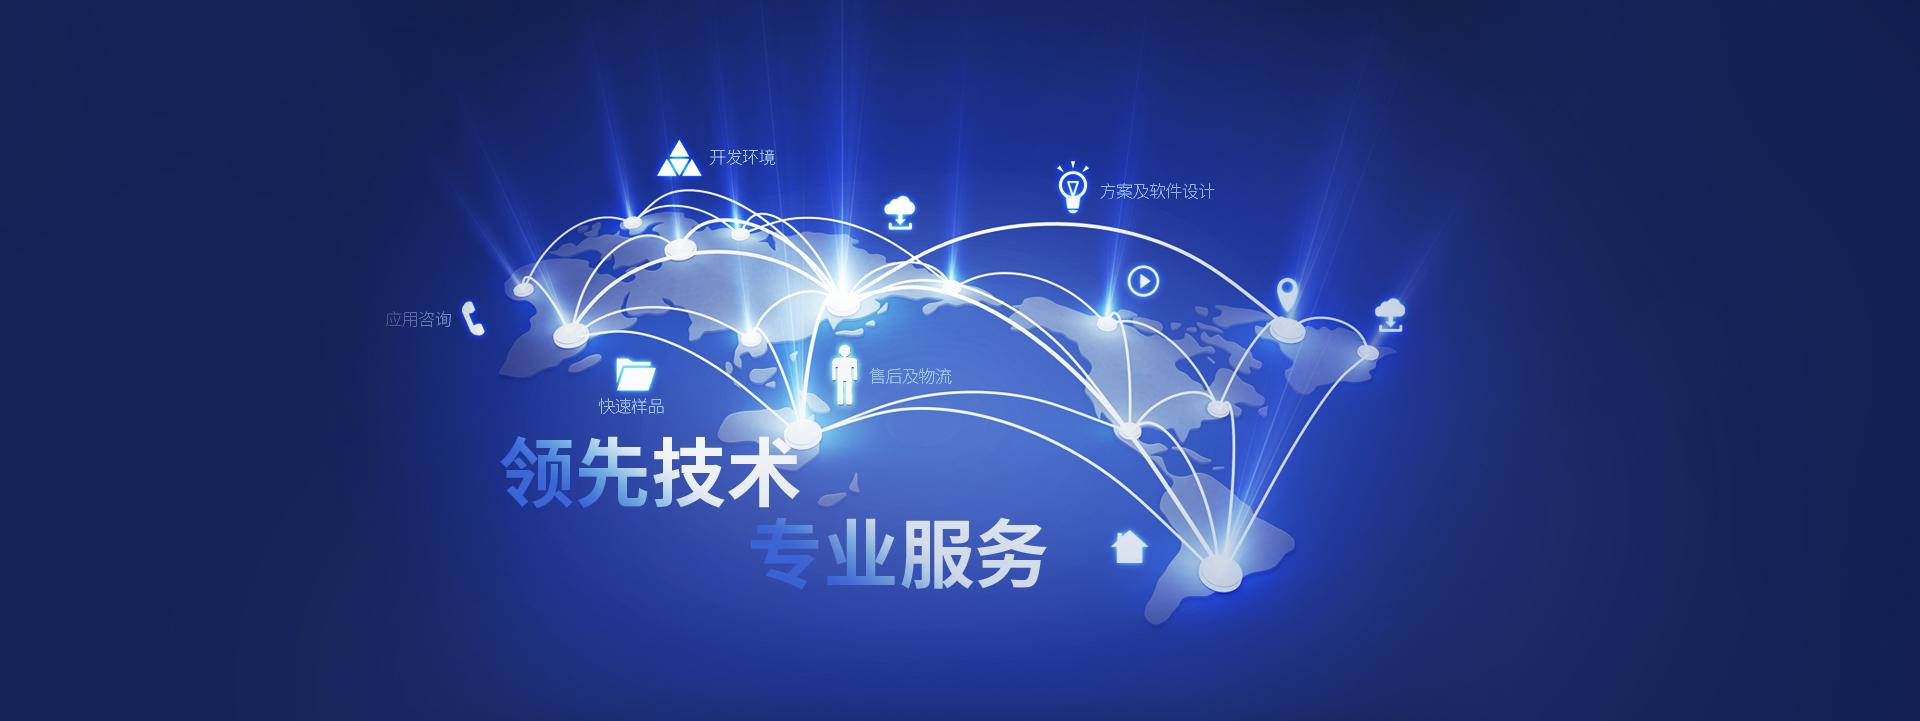 深圳市晶骉科技有限公司